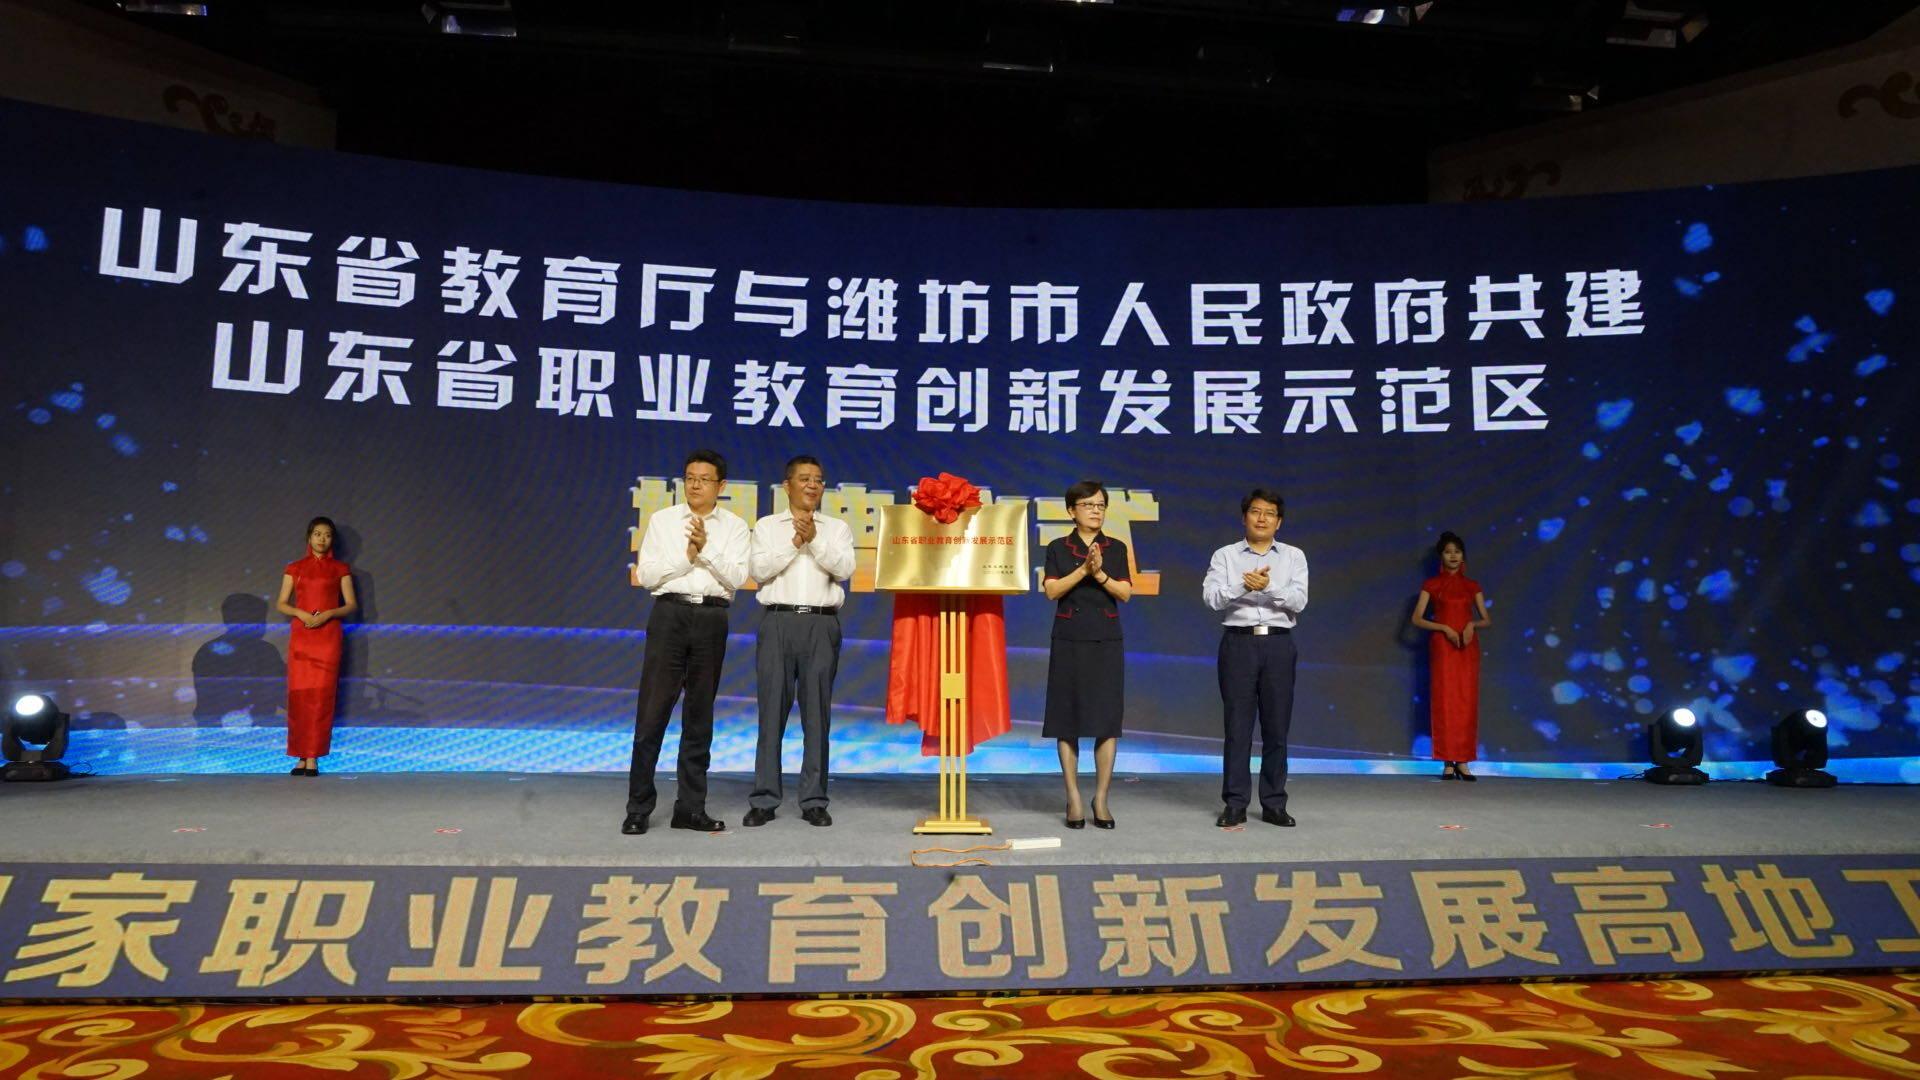 山东省教育厅与潍坊市人民政府共建山东省职业教育创新发展示范区启动仪式举行